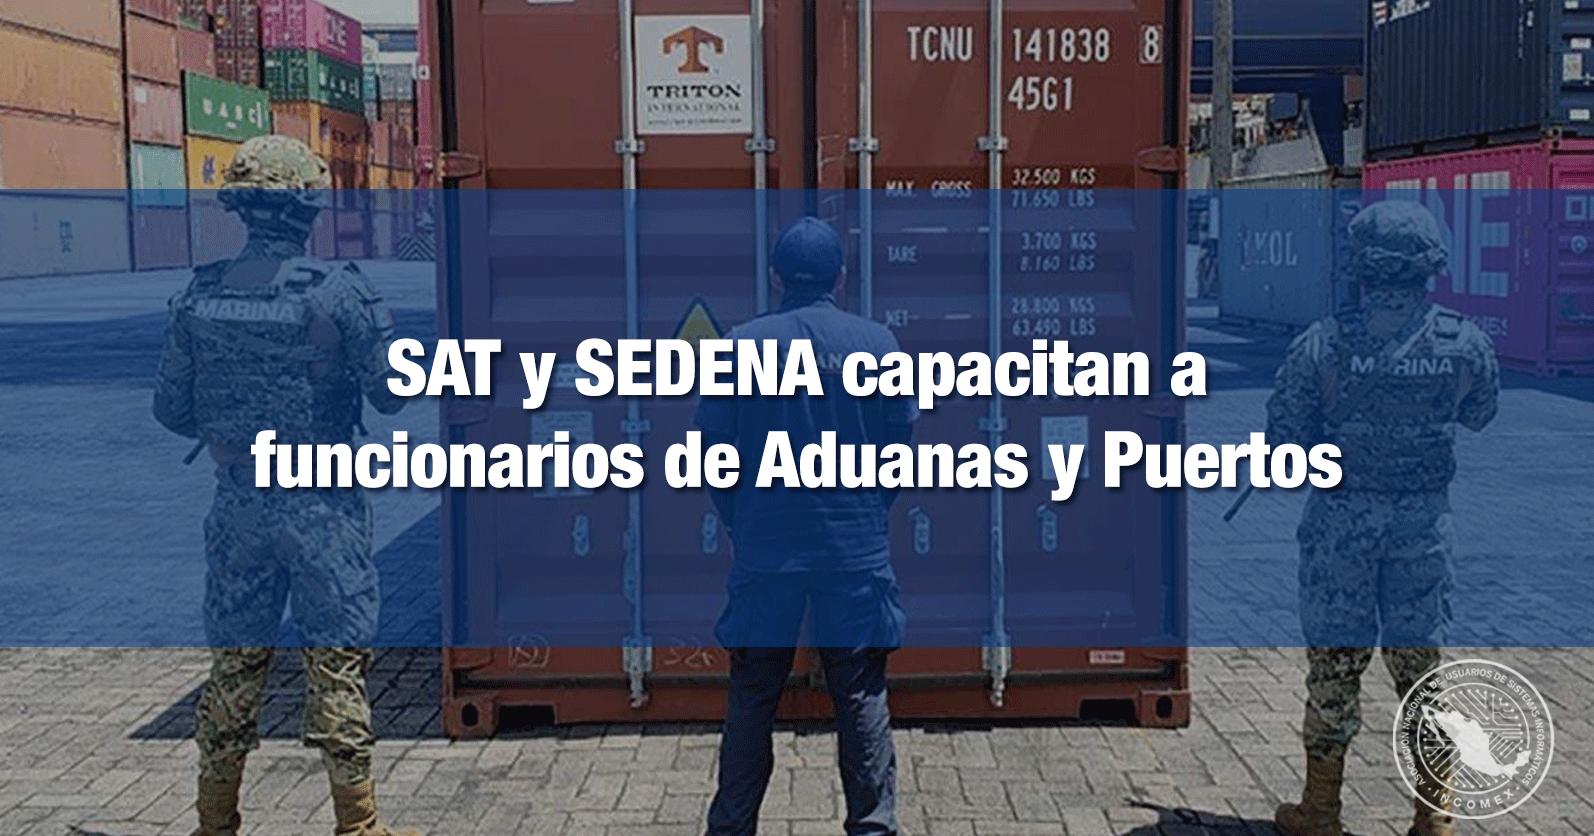 SAT y SEDENA capacitan a funcionarios de Aduanas y Puertos